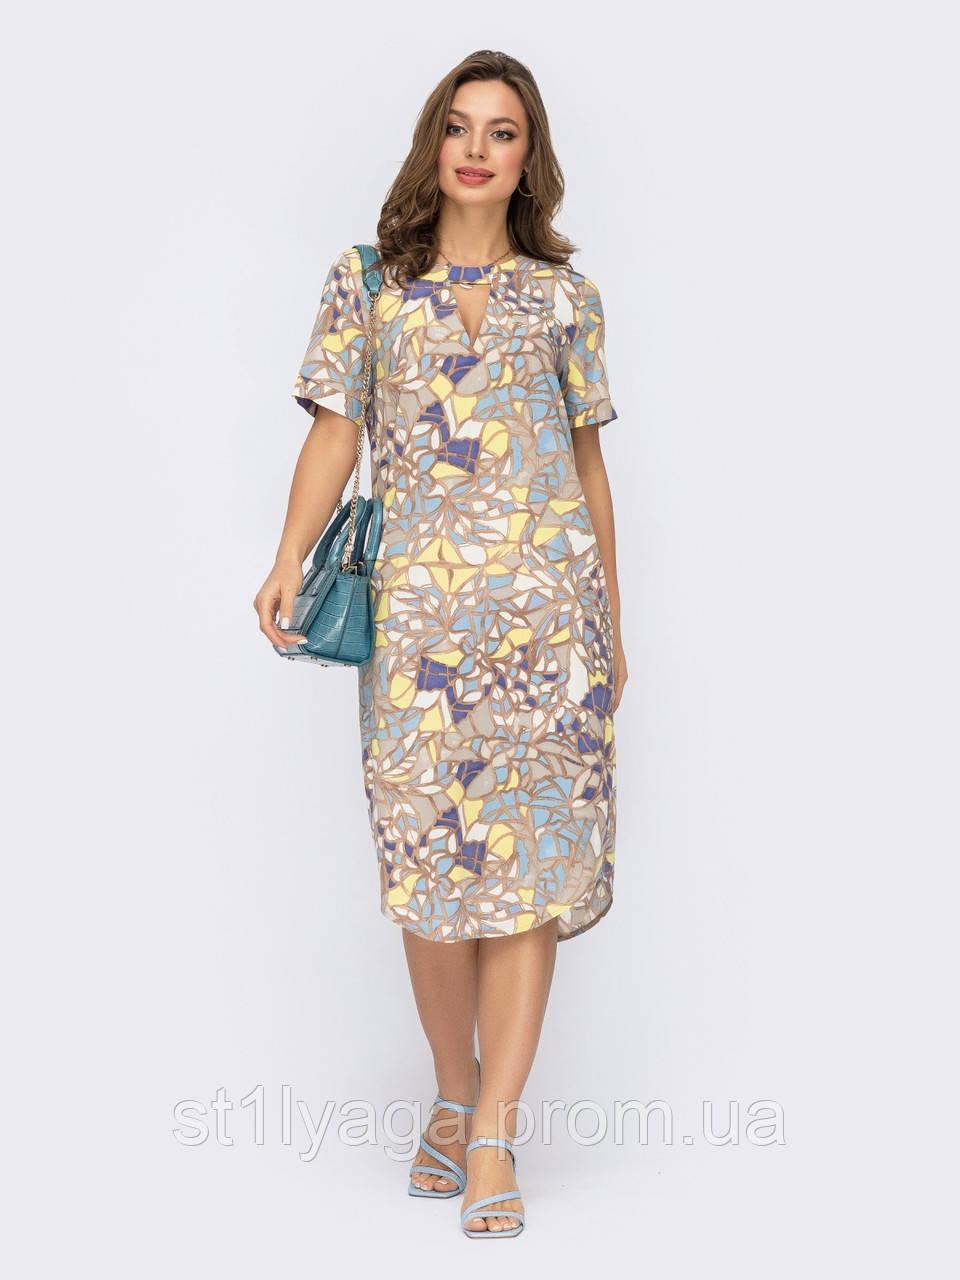 Летнее прямое платье с коротким рукавом и закругленным низом